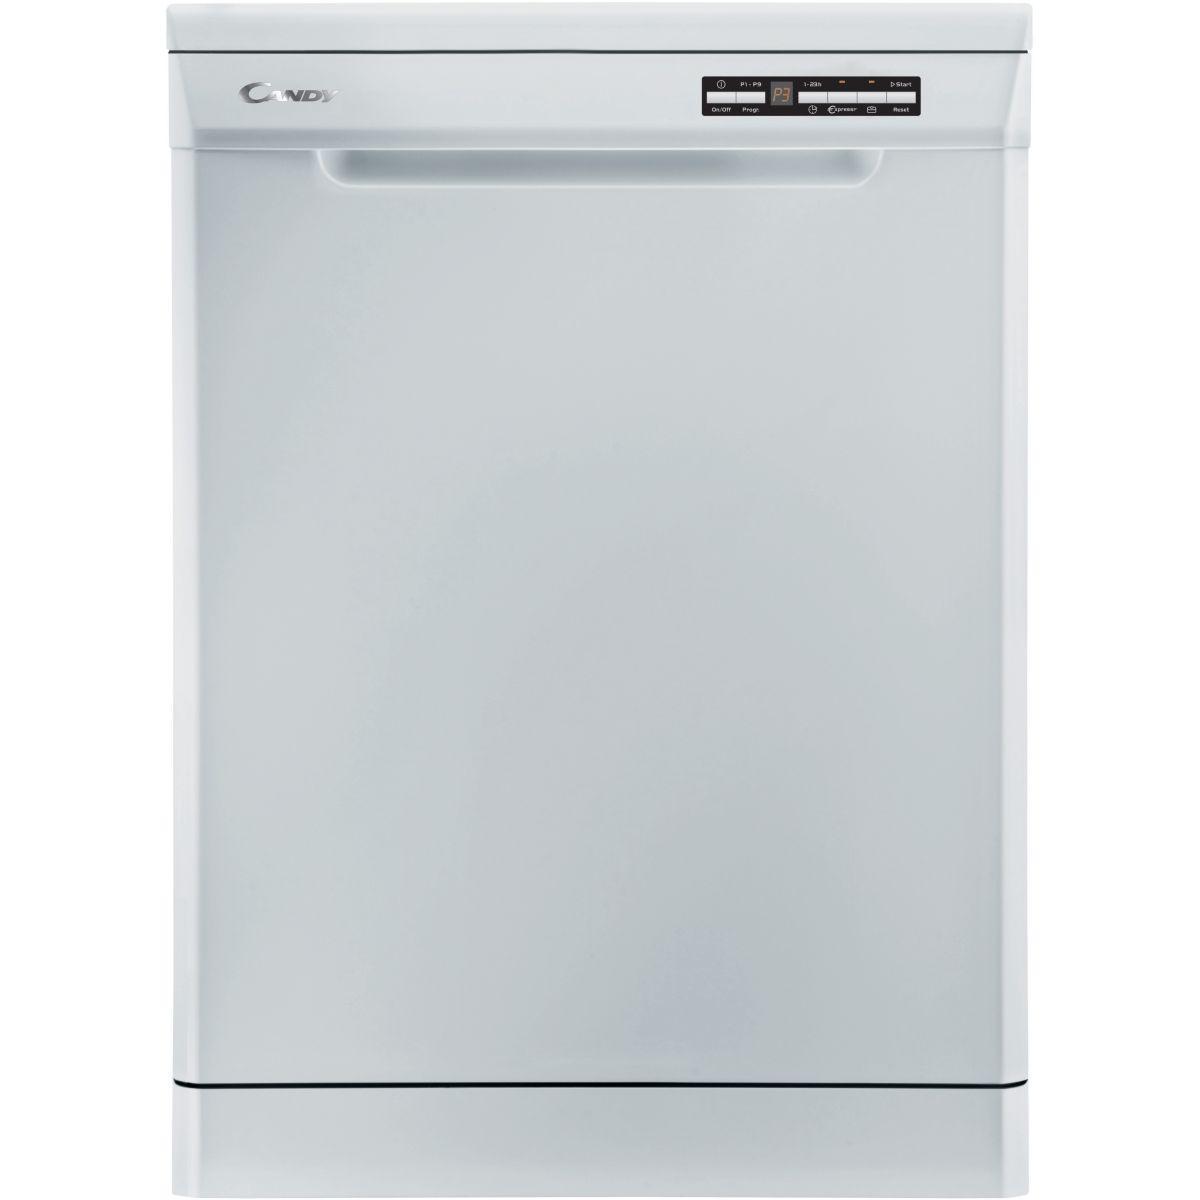 Lave-vaisselle 45cm CANDY CDPM 2D54W-47 (photo)